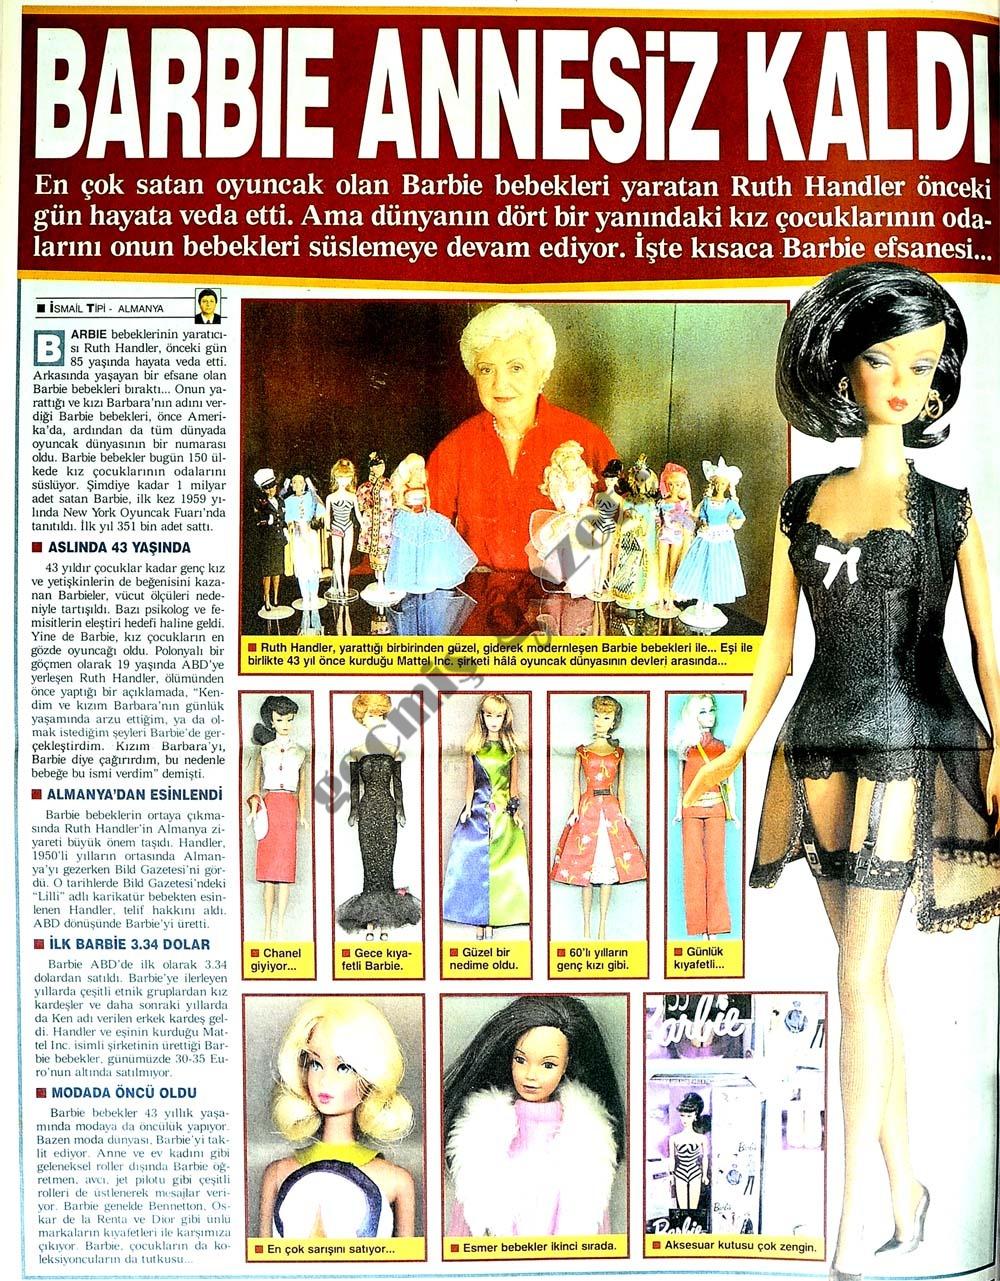 Barbie annesiz kaldı